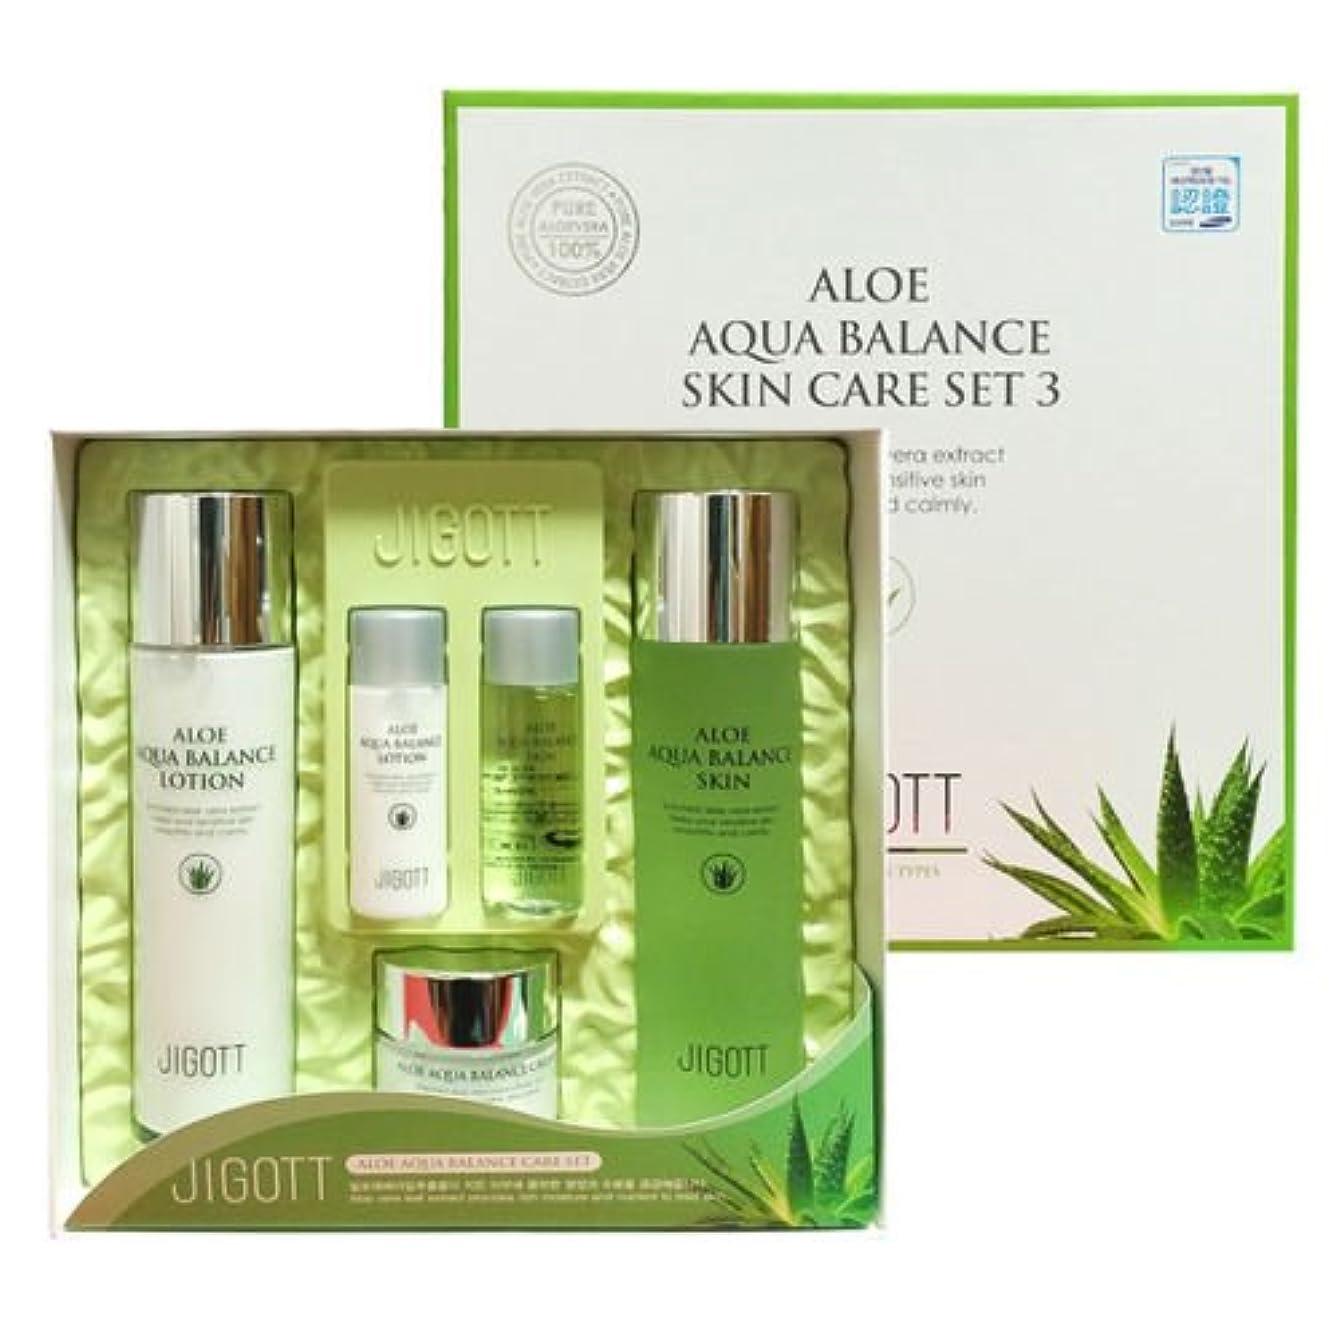 藤色有効化悲しいことにジゴトゥ[韓国コスメJigott]Aloe Aqua Balance Skin Care 3 Set アロエアクアバランススキンケア3セット樹液,乳液,クリーム [並行輸入品]